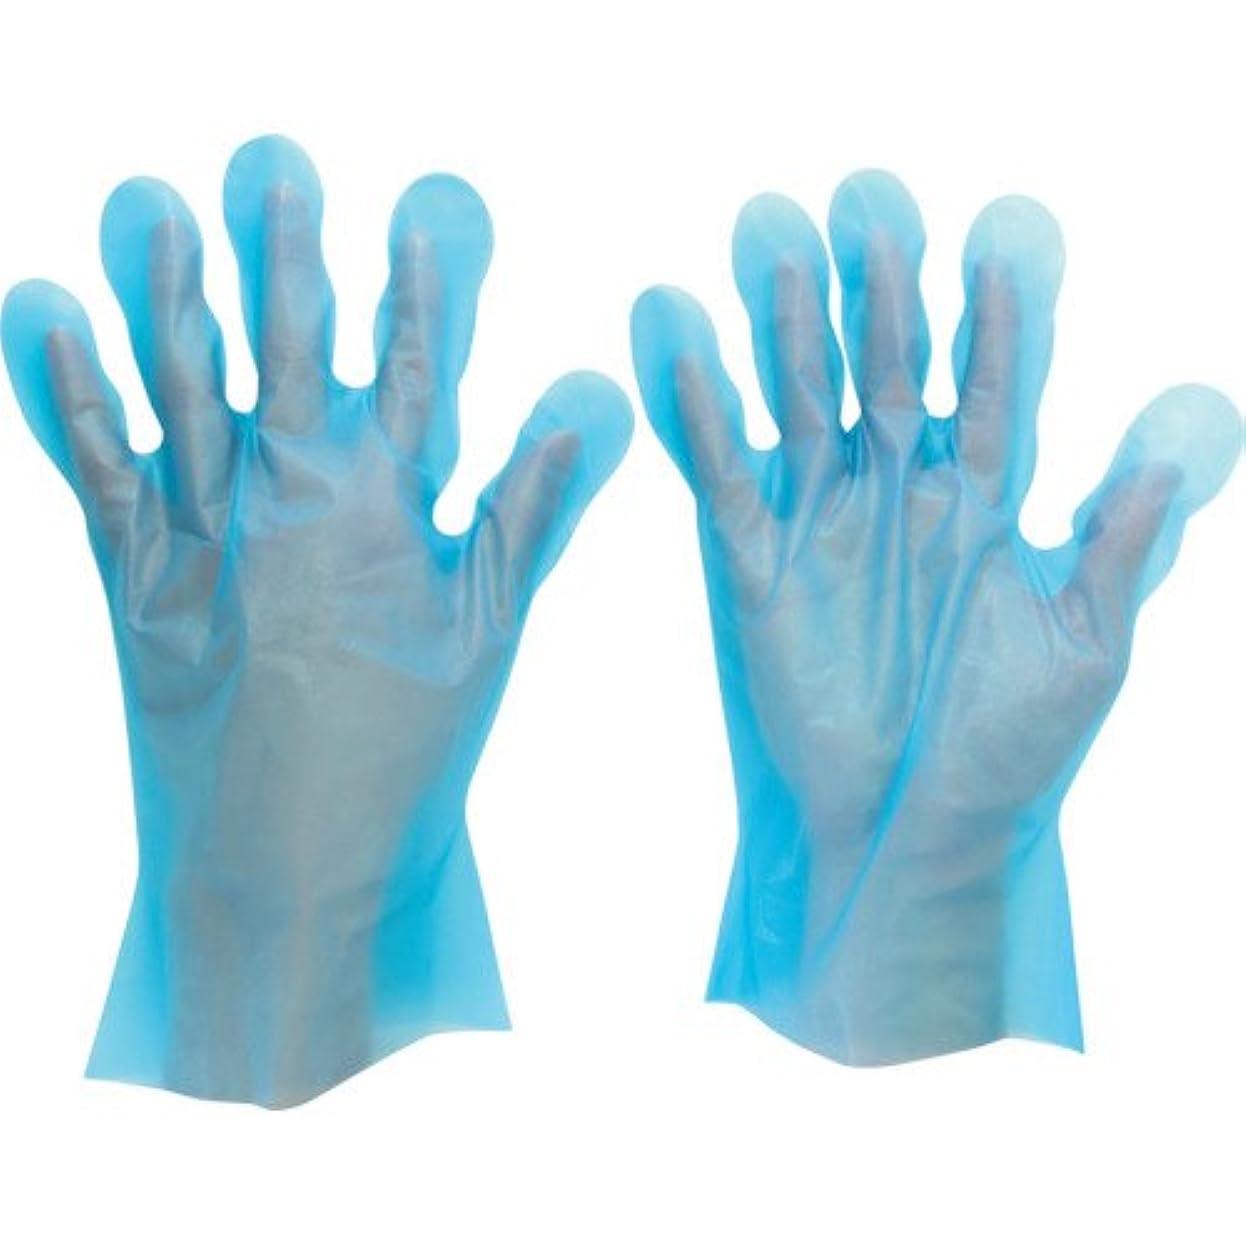 穏やかな一致くしゃくしゃミドリ安全 ポリエチレンディスポ手袋 ベルテ572 200枚入 S(入数:200枚) VERTE-572-S